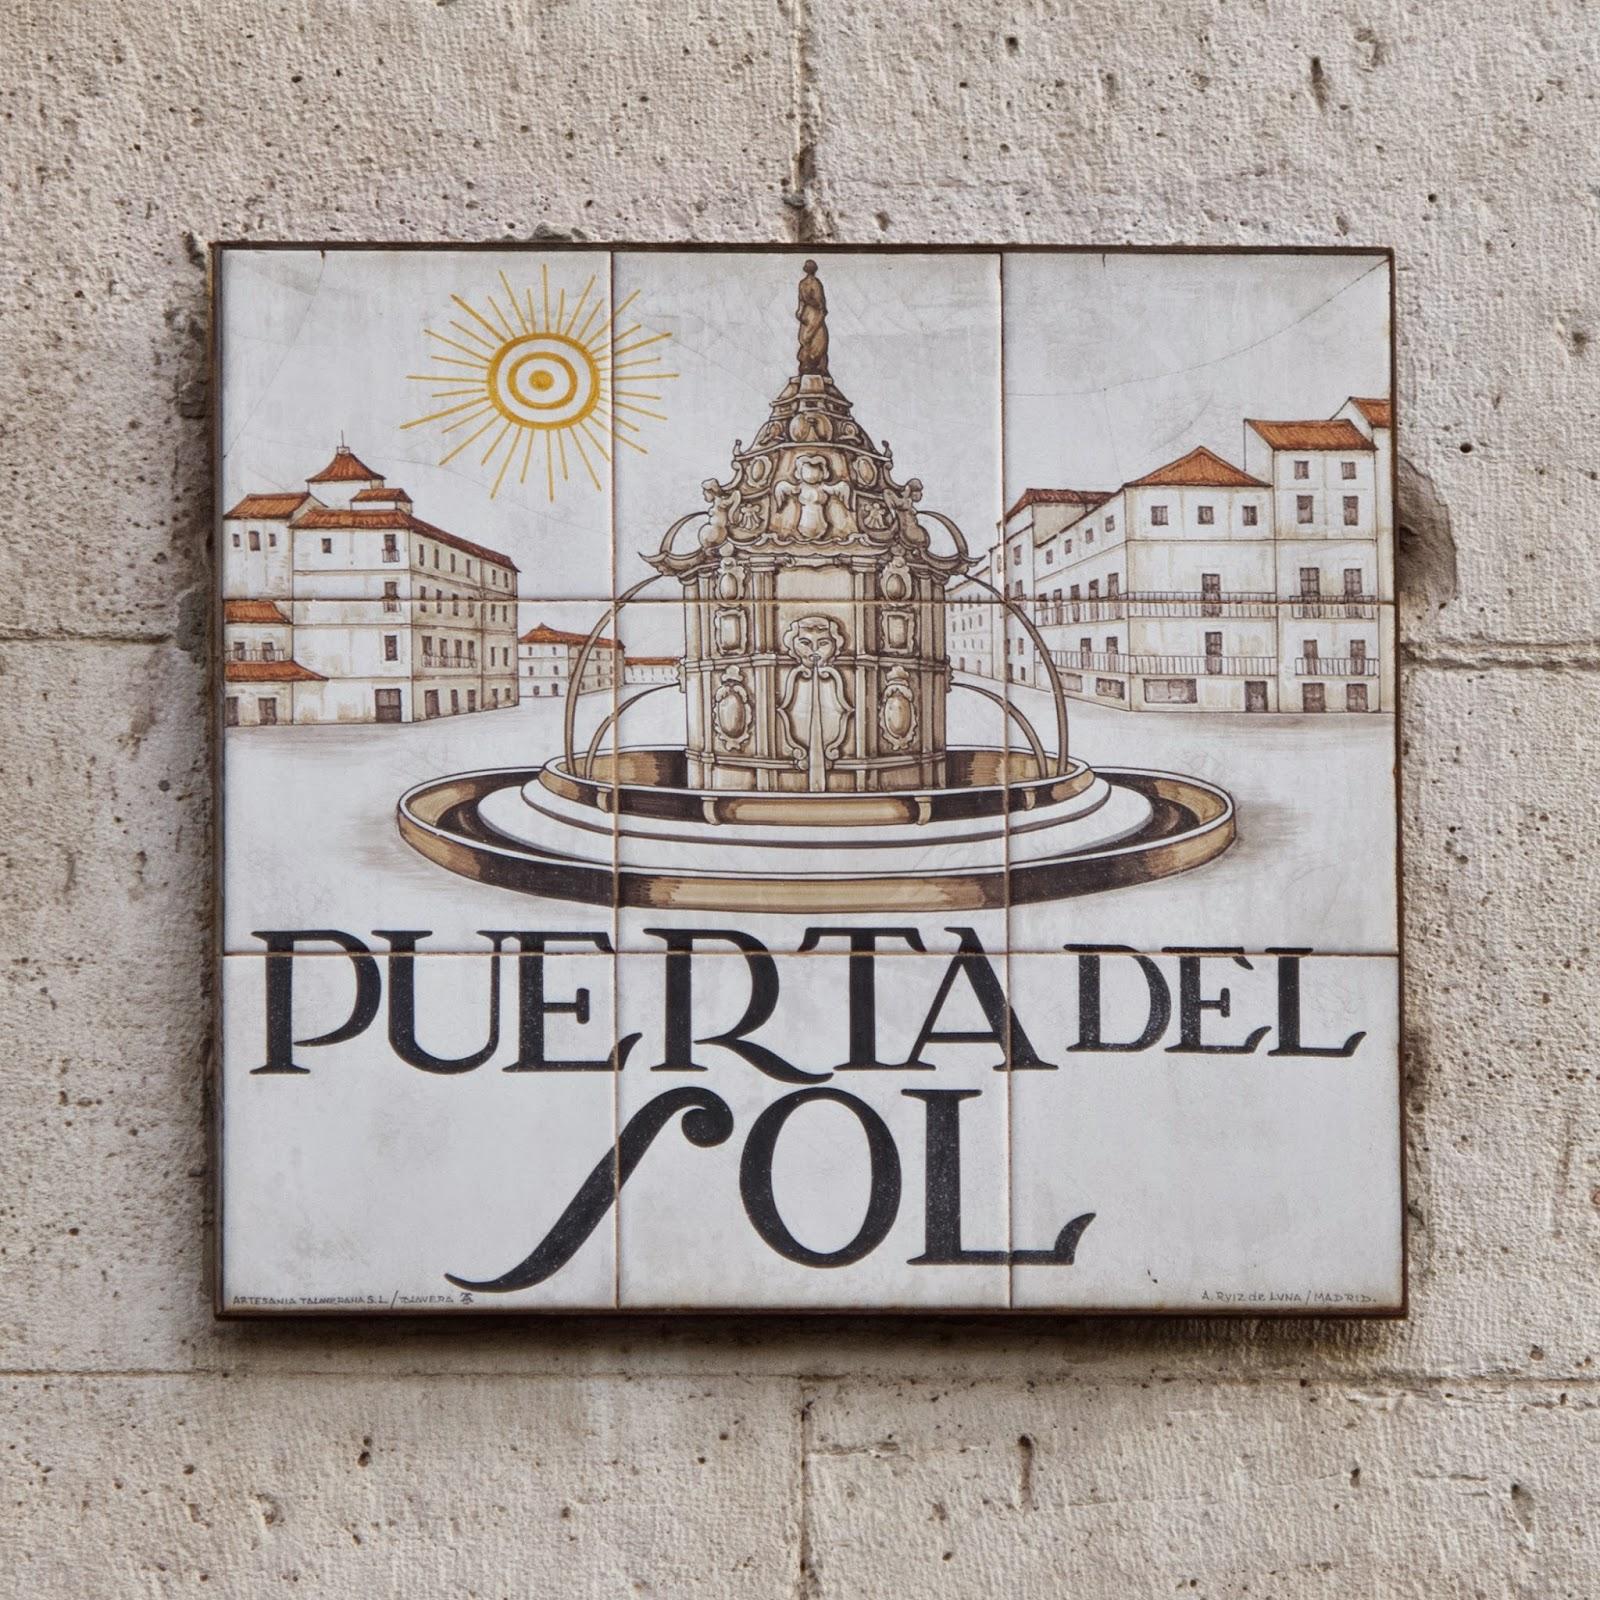 ساحة بويرتا ديل سول في مدريد